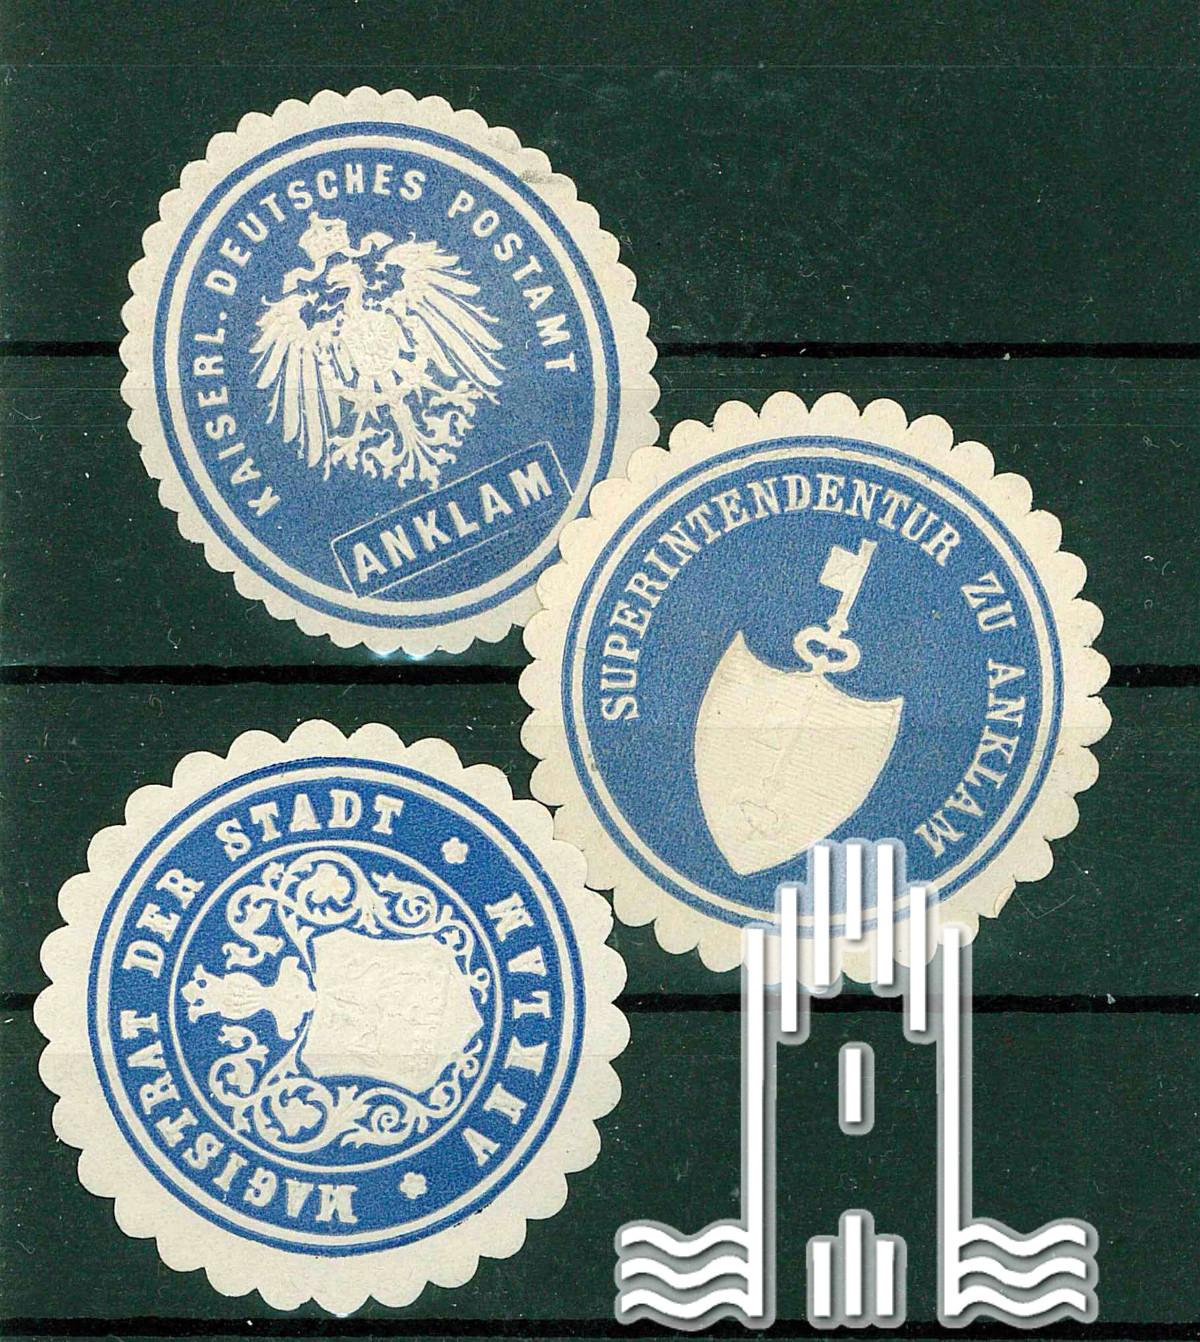 Siegel-marken der Stadt Anklam